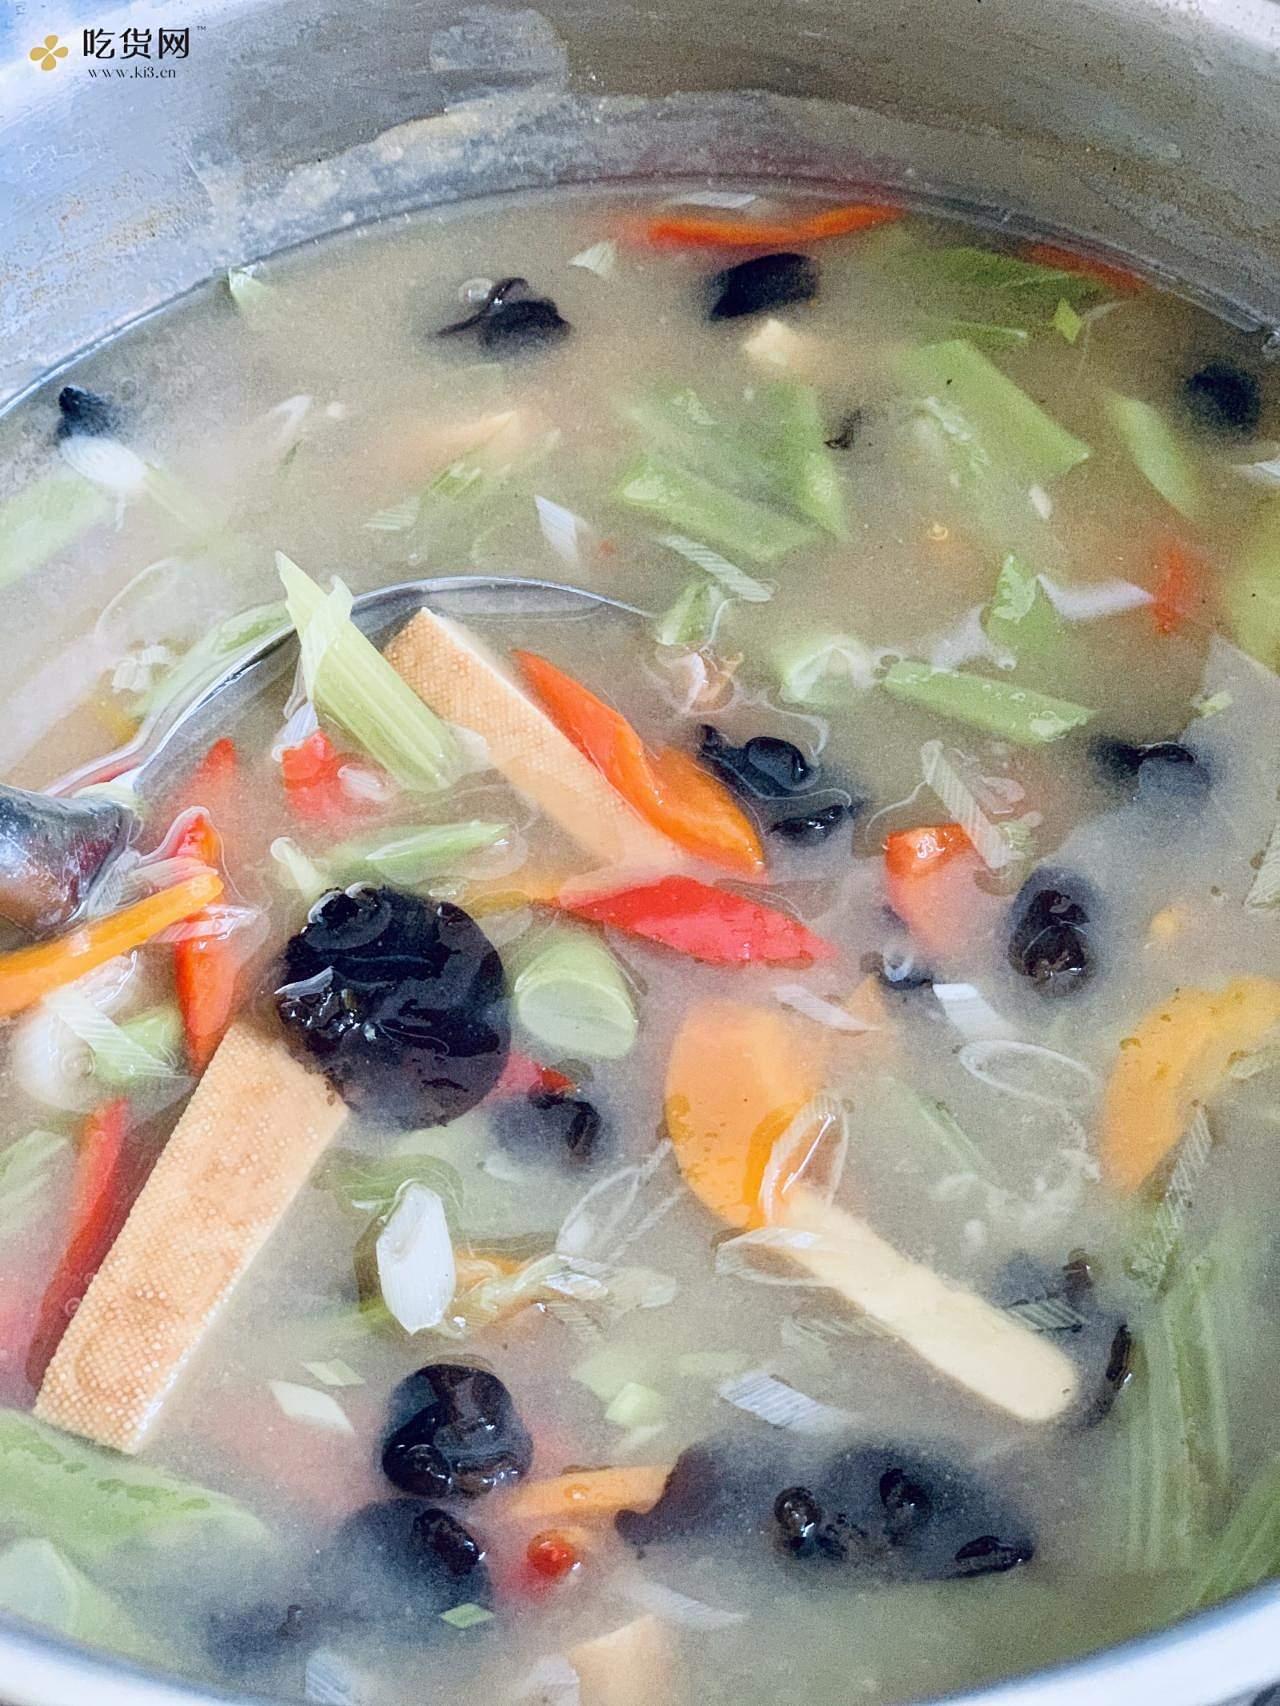 兰州人的凉面素卤子,一口锅就搞定,夏天来一碗,满福滴很!的做法 步骤4